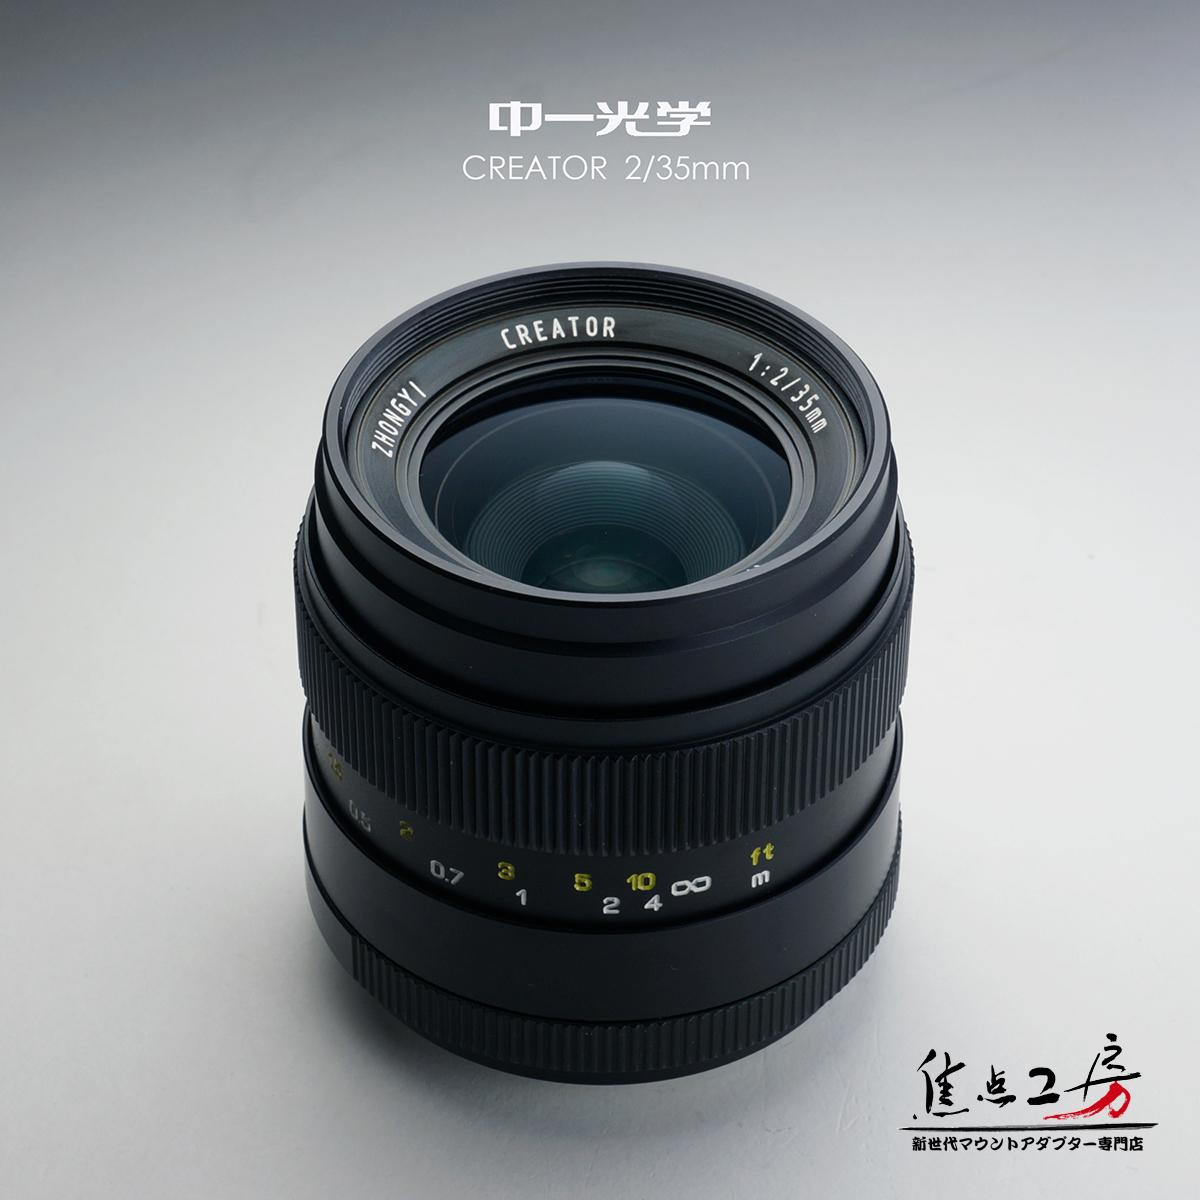 中一光学│ZHONG YI OPTICS CREATOR 35mm F2.0 - ニコンFマウント 単焦点レンズ